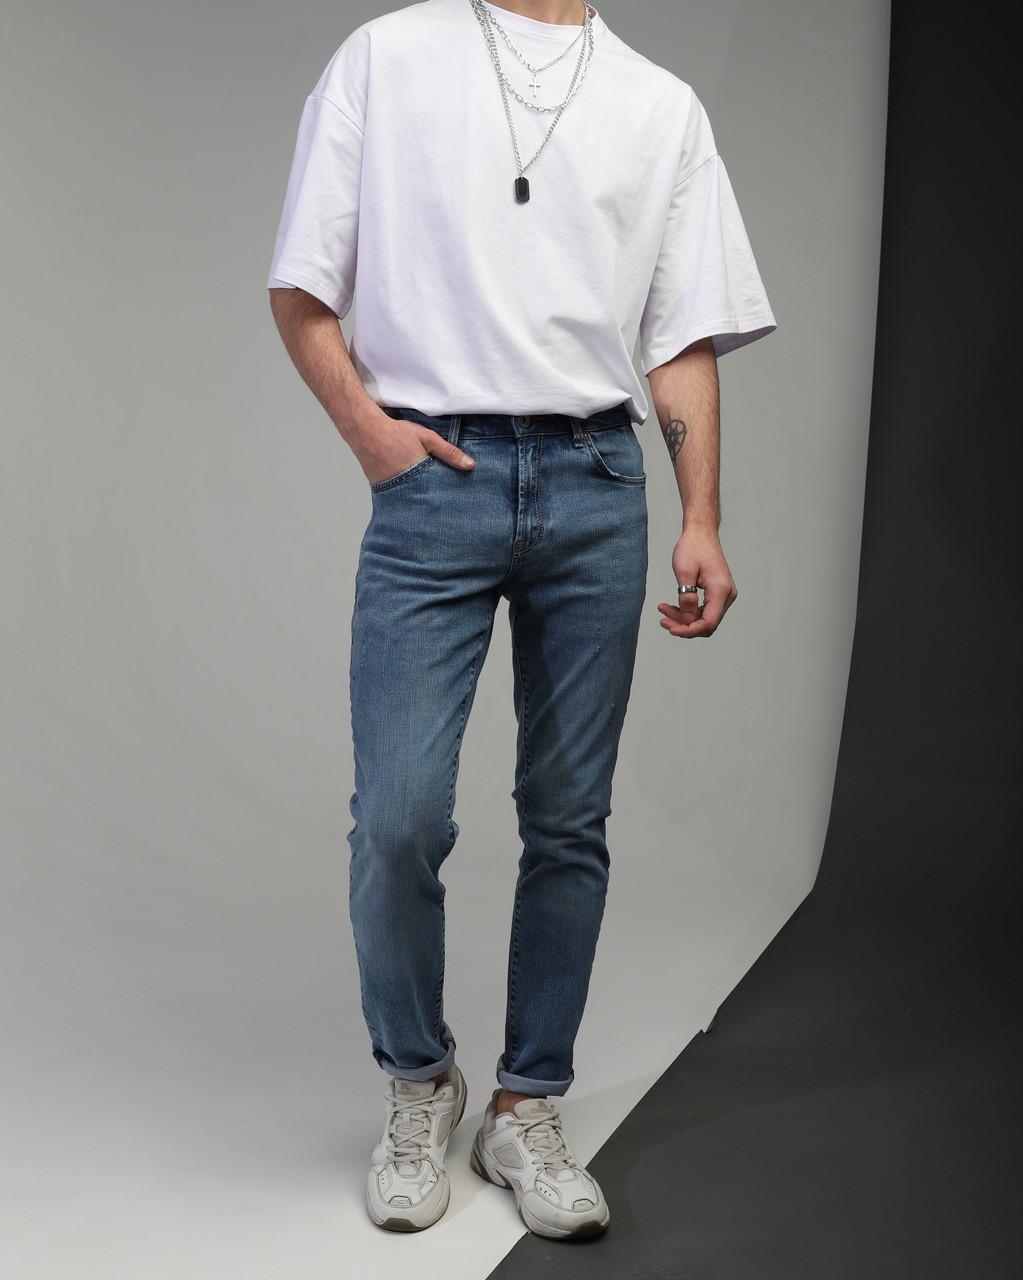 Джинсы мужские зауженные синие от бренда Тур модель Слим TУRWEAR